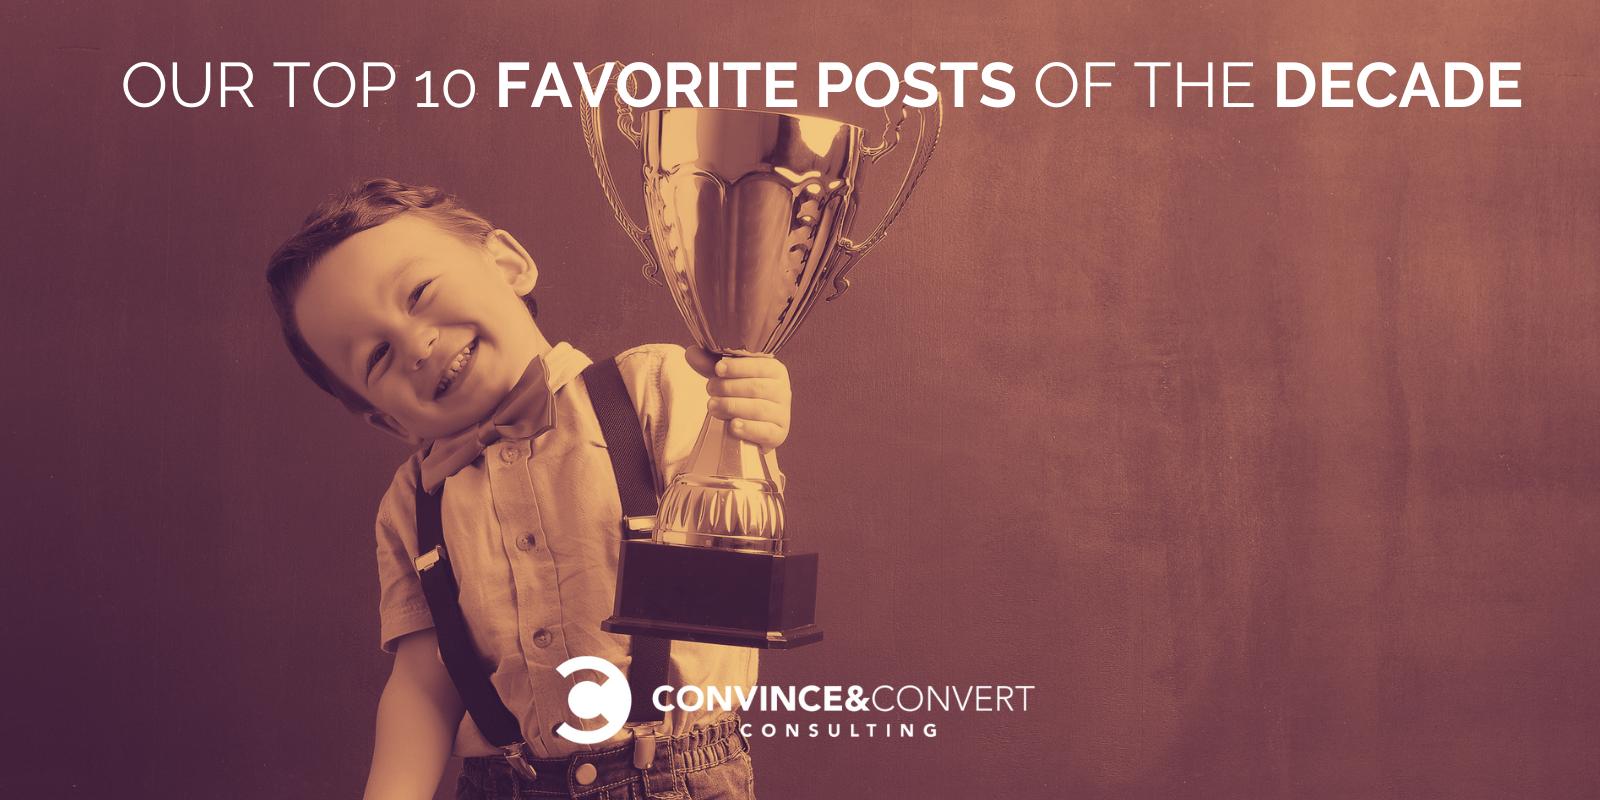 I 10 post preferiti del decennio